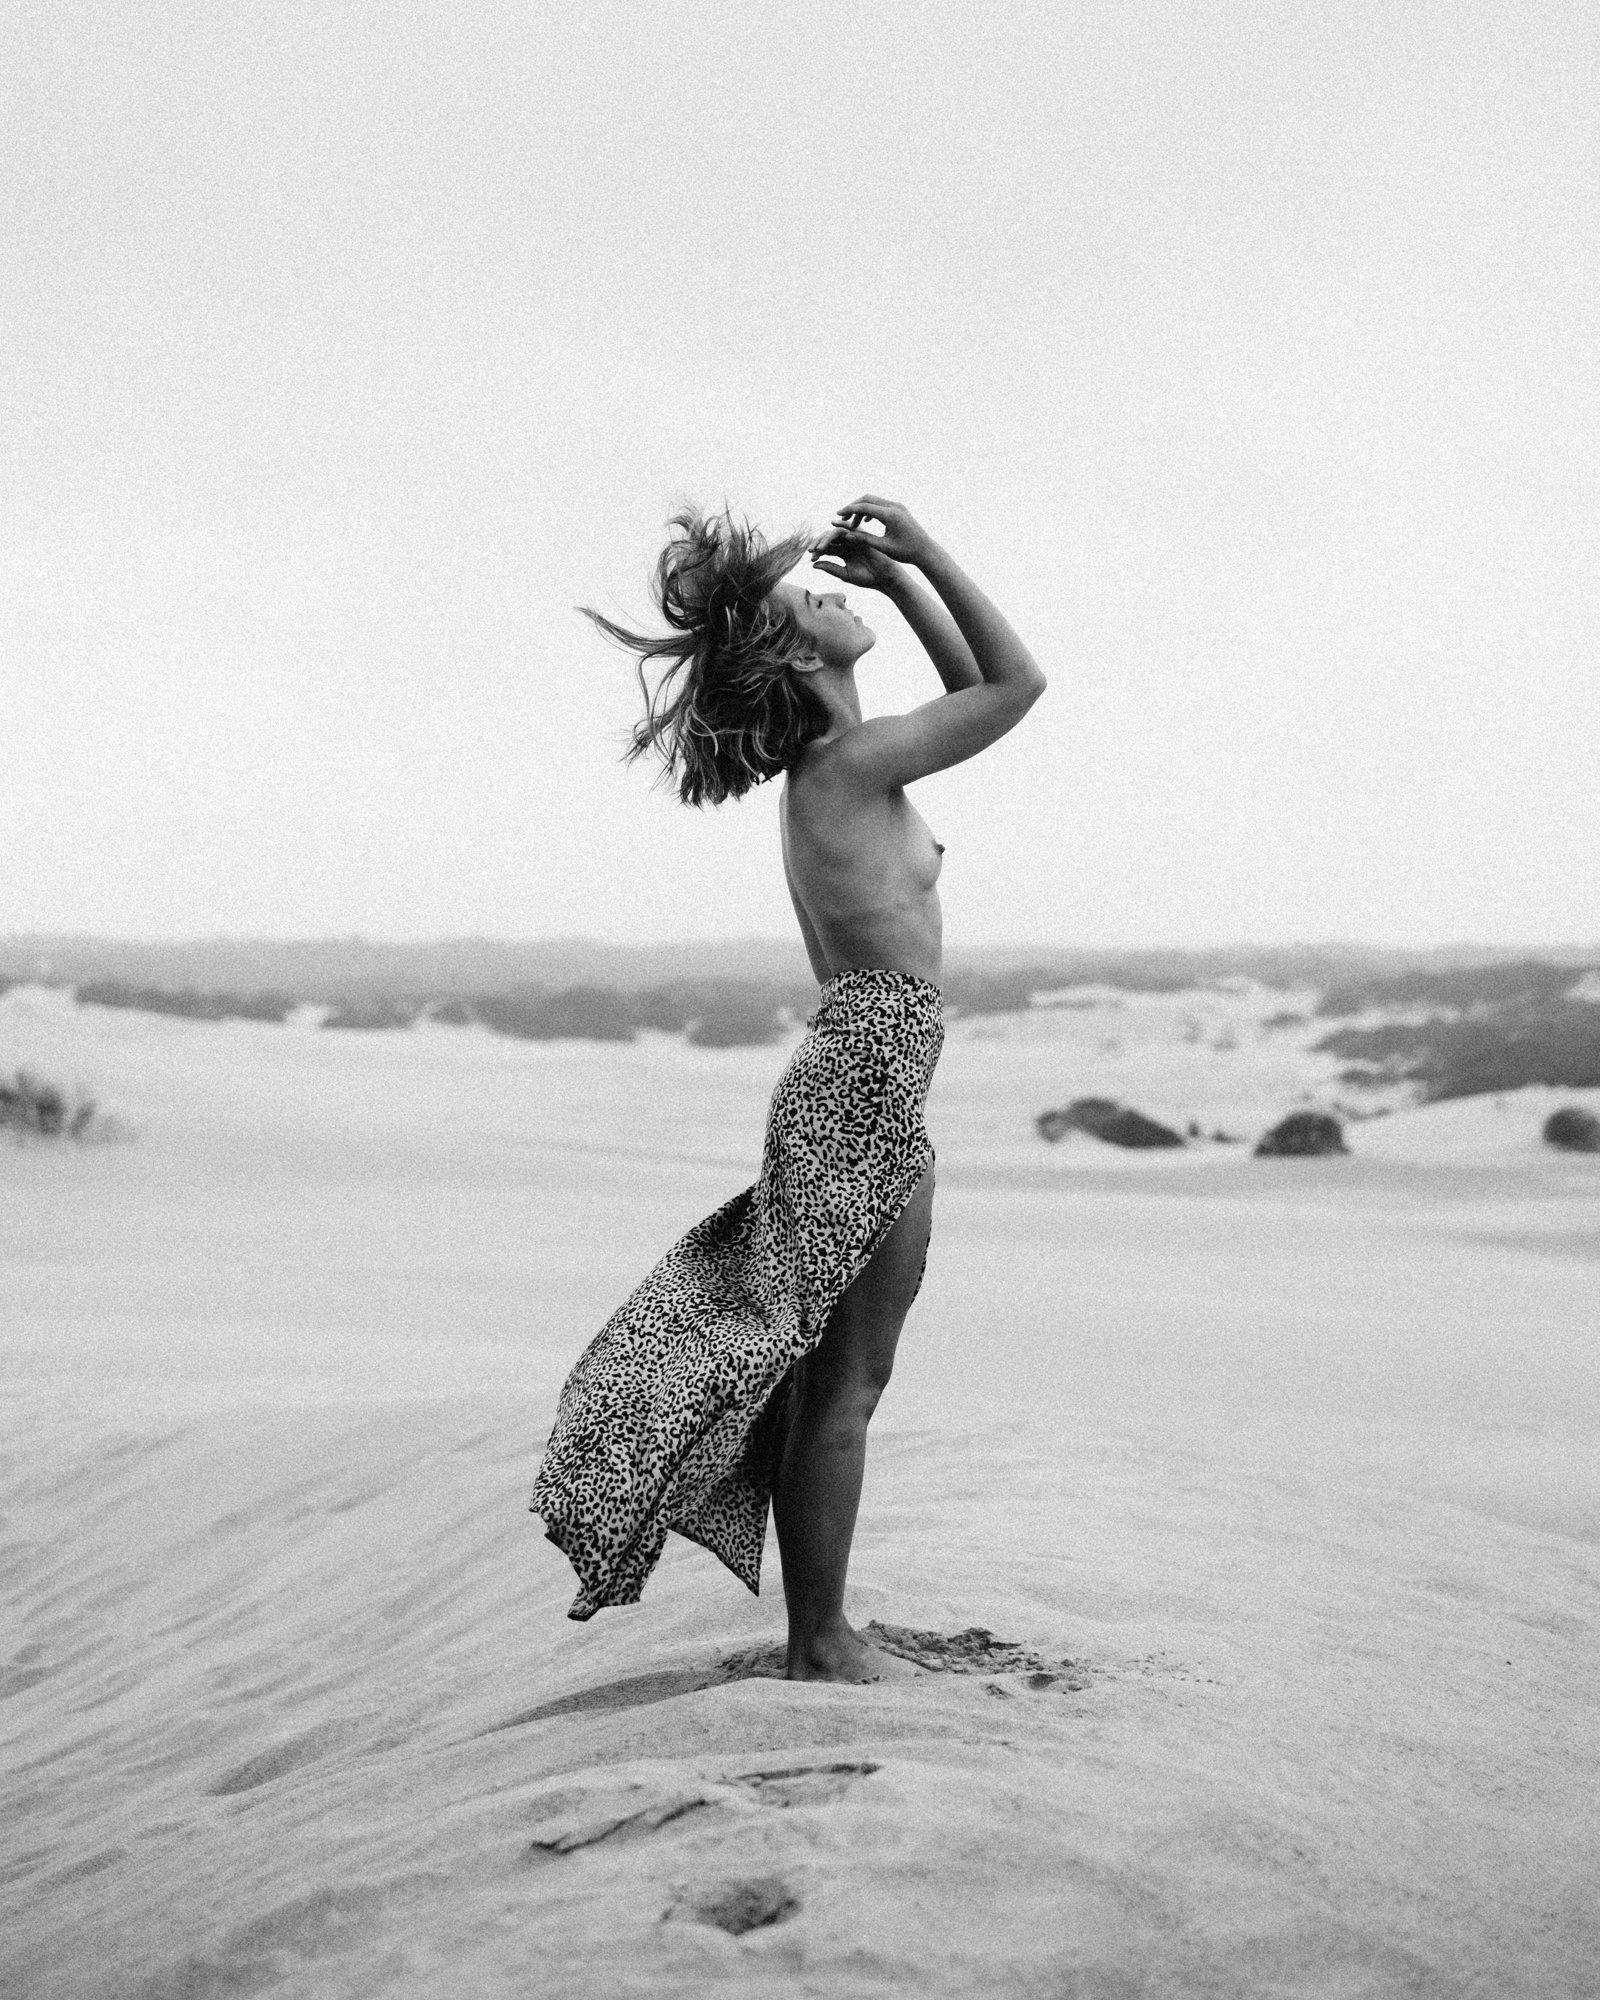 Fine Art Nudity: How Photographers Explore It